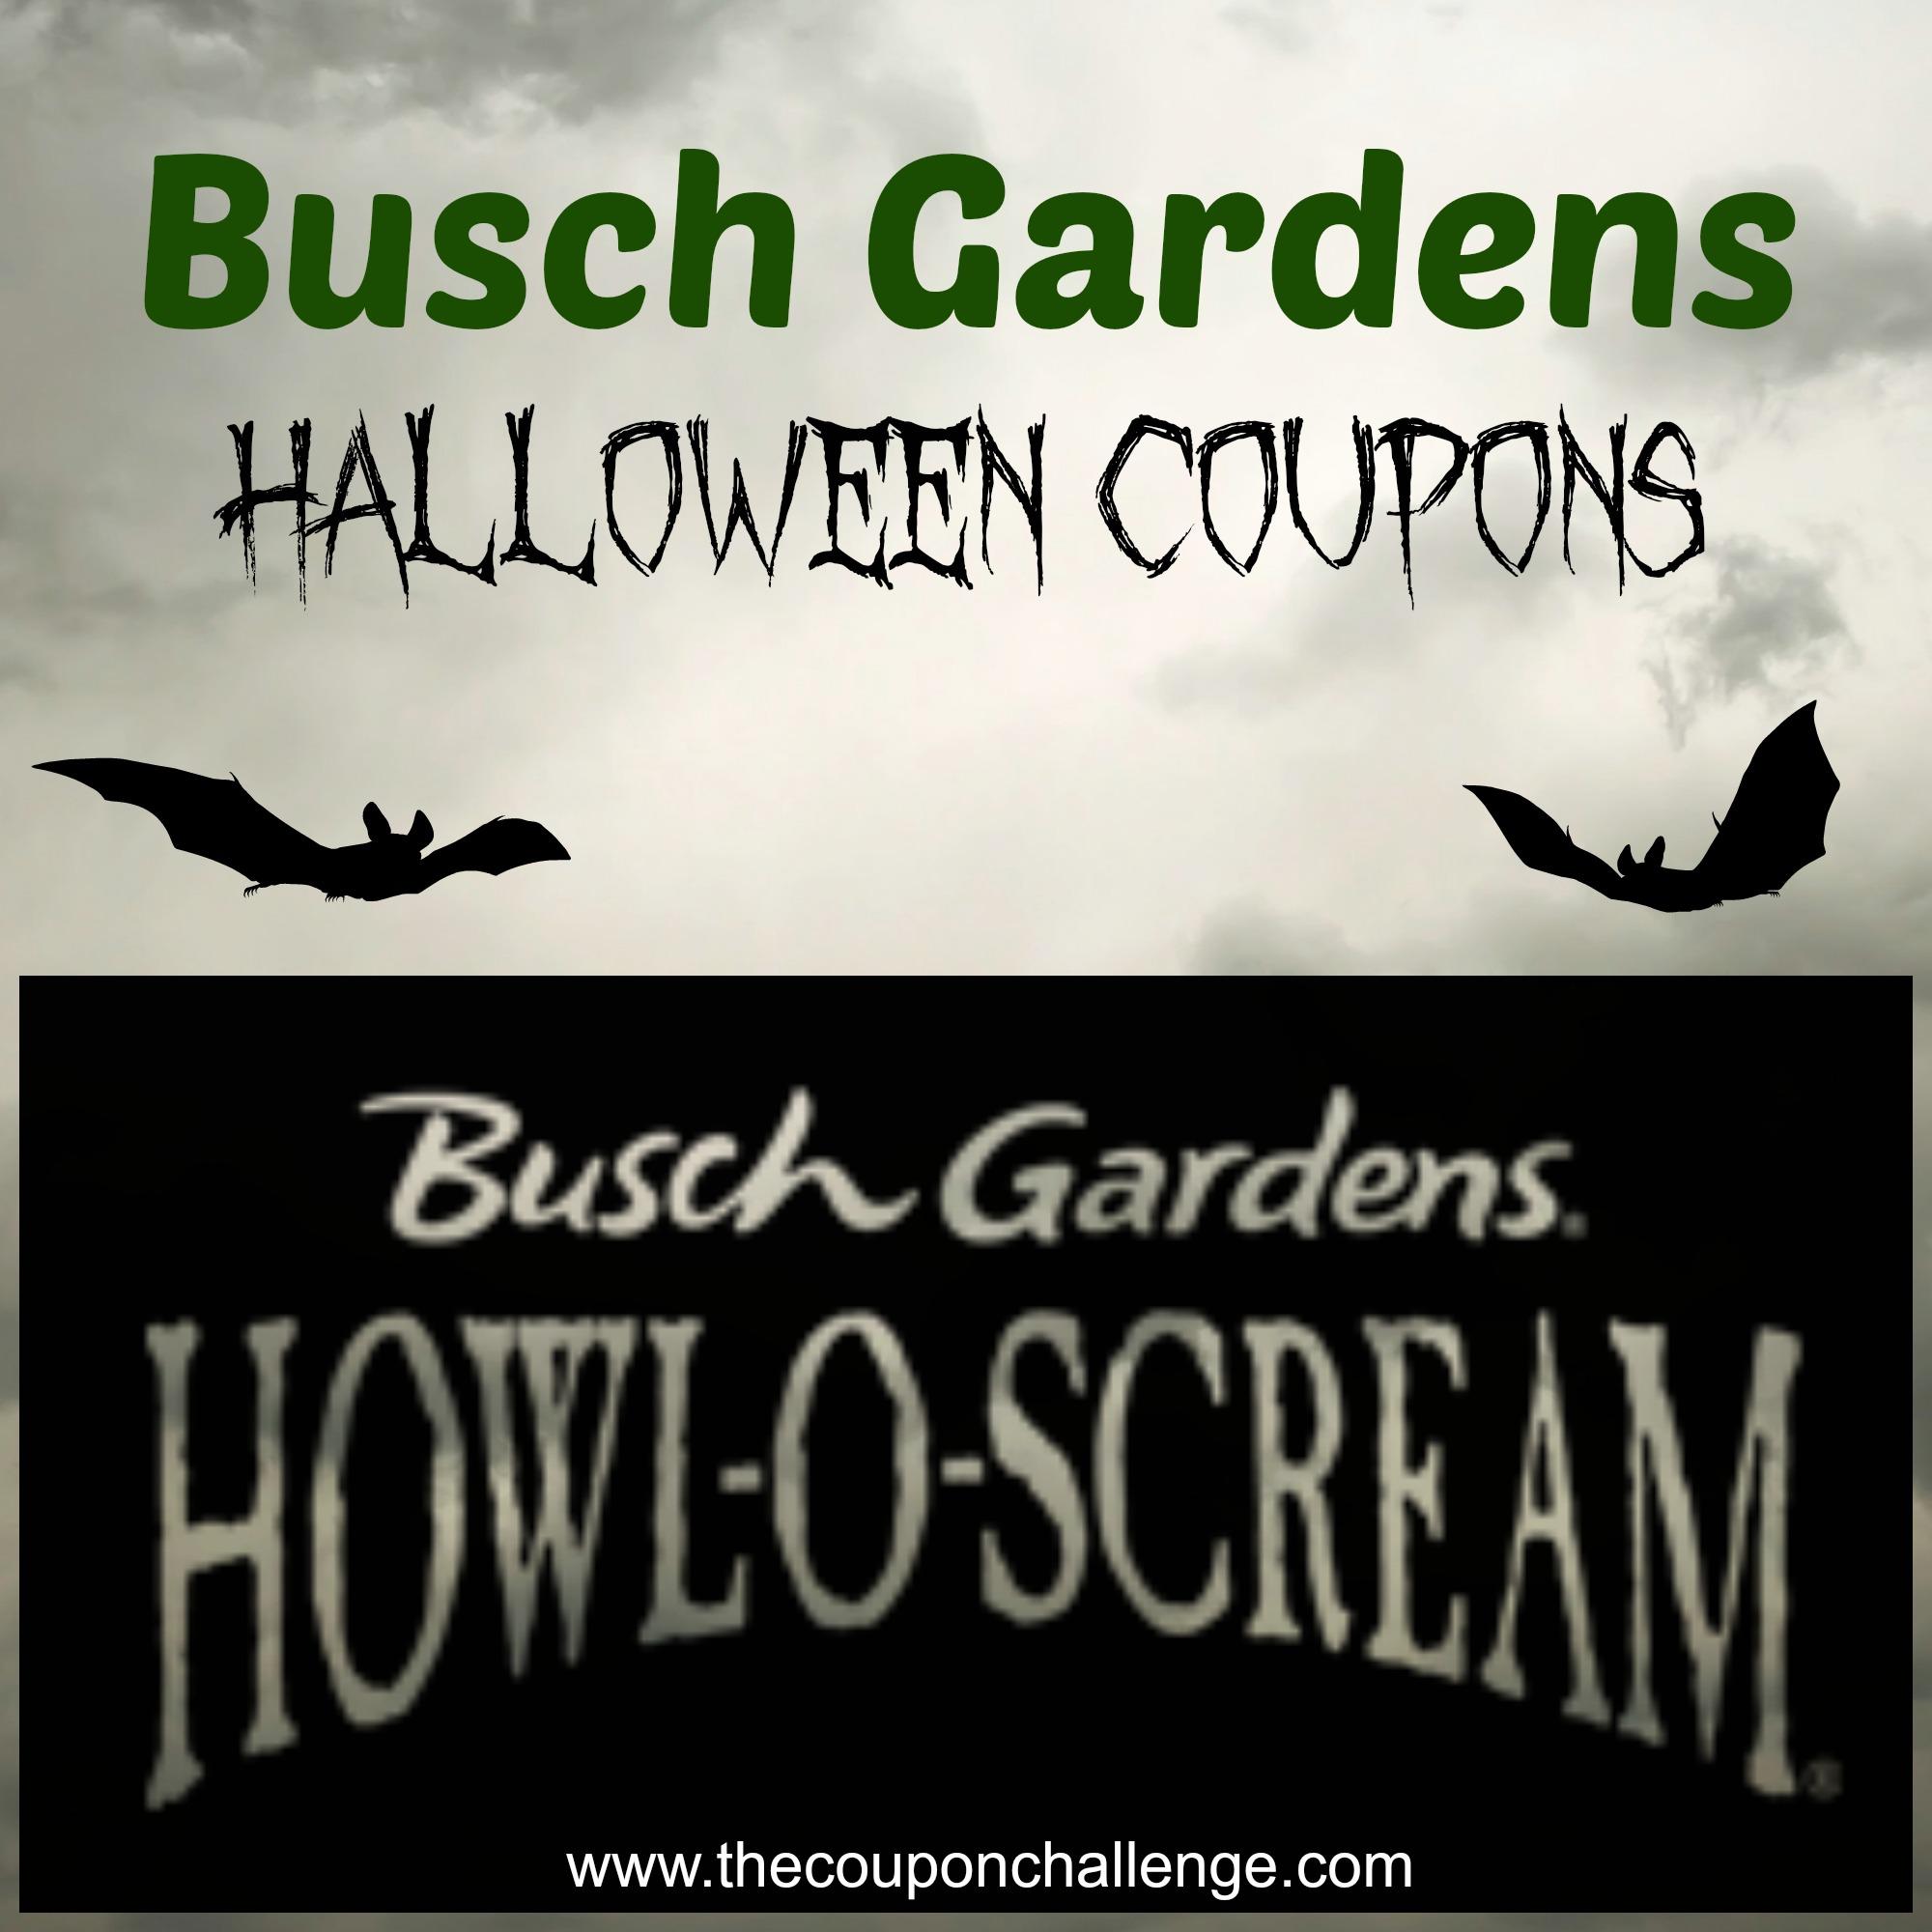 Busch Gardens Halloween Coupons